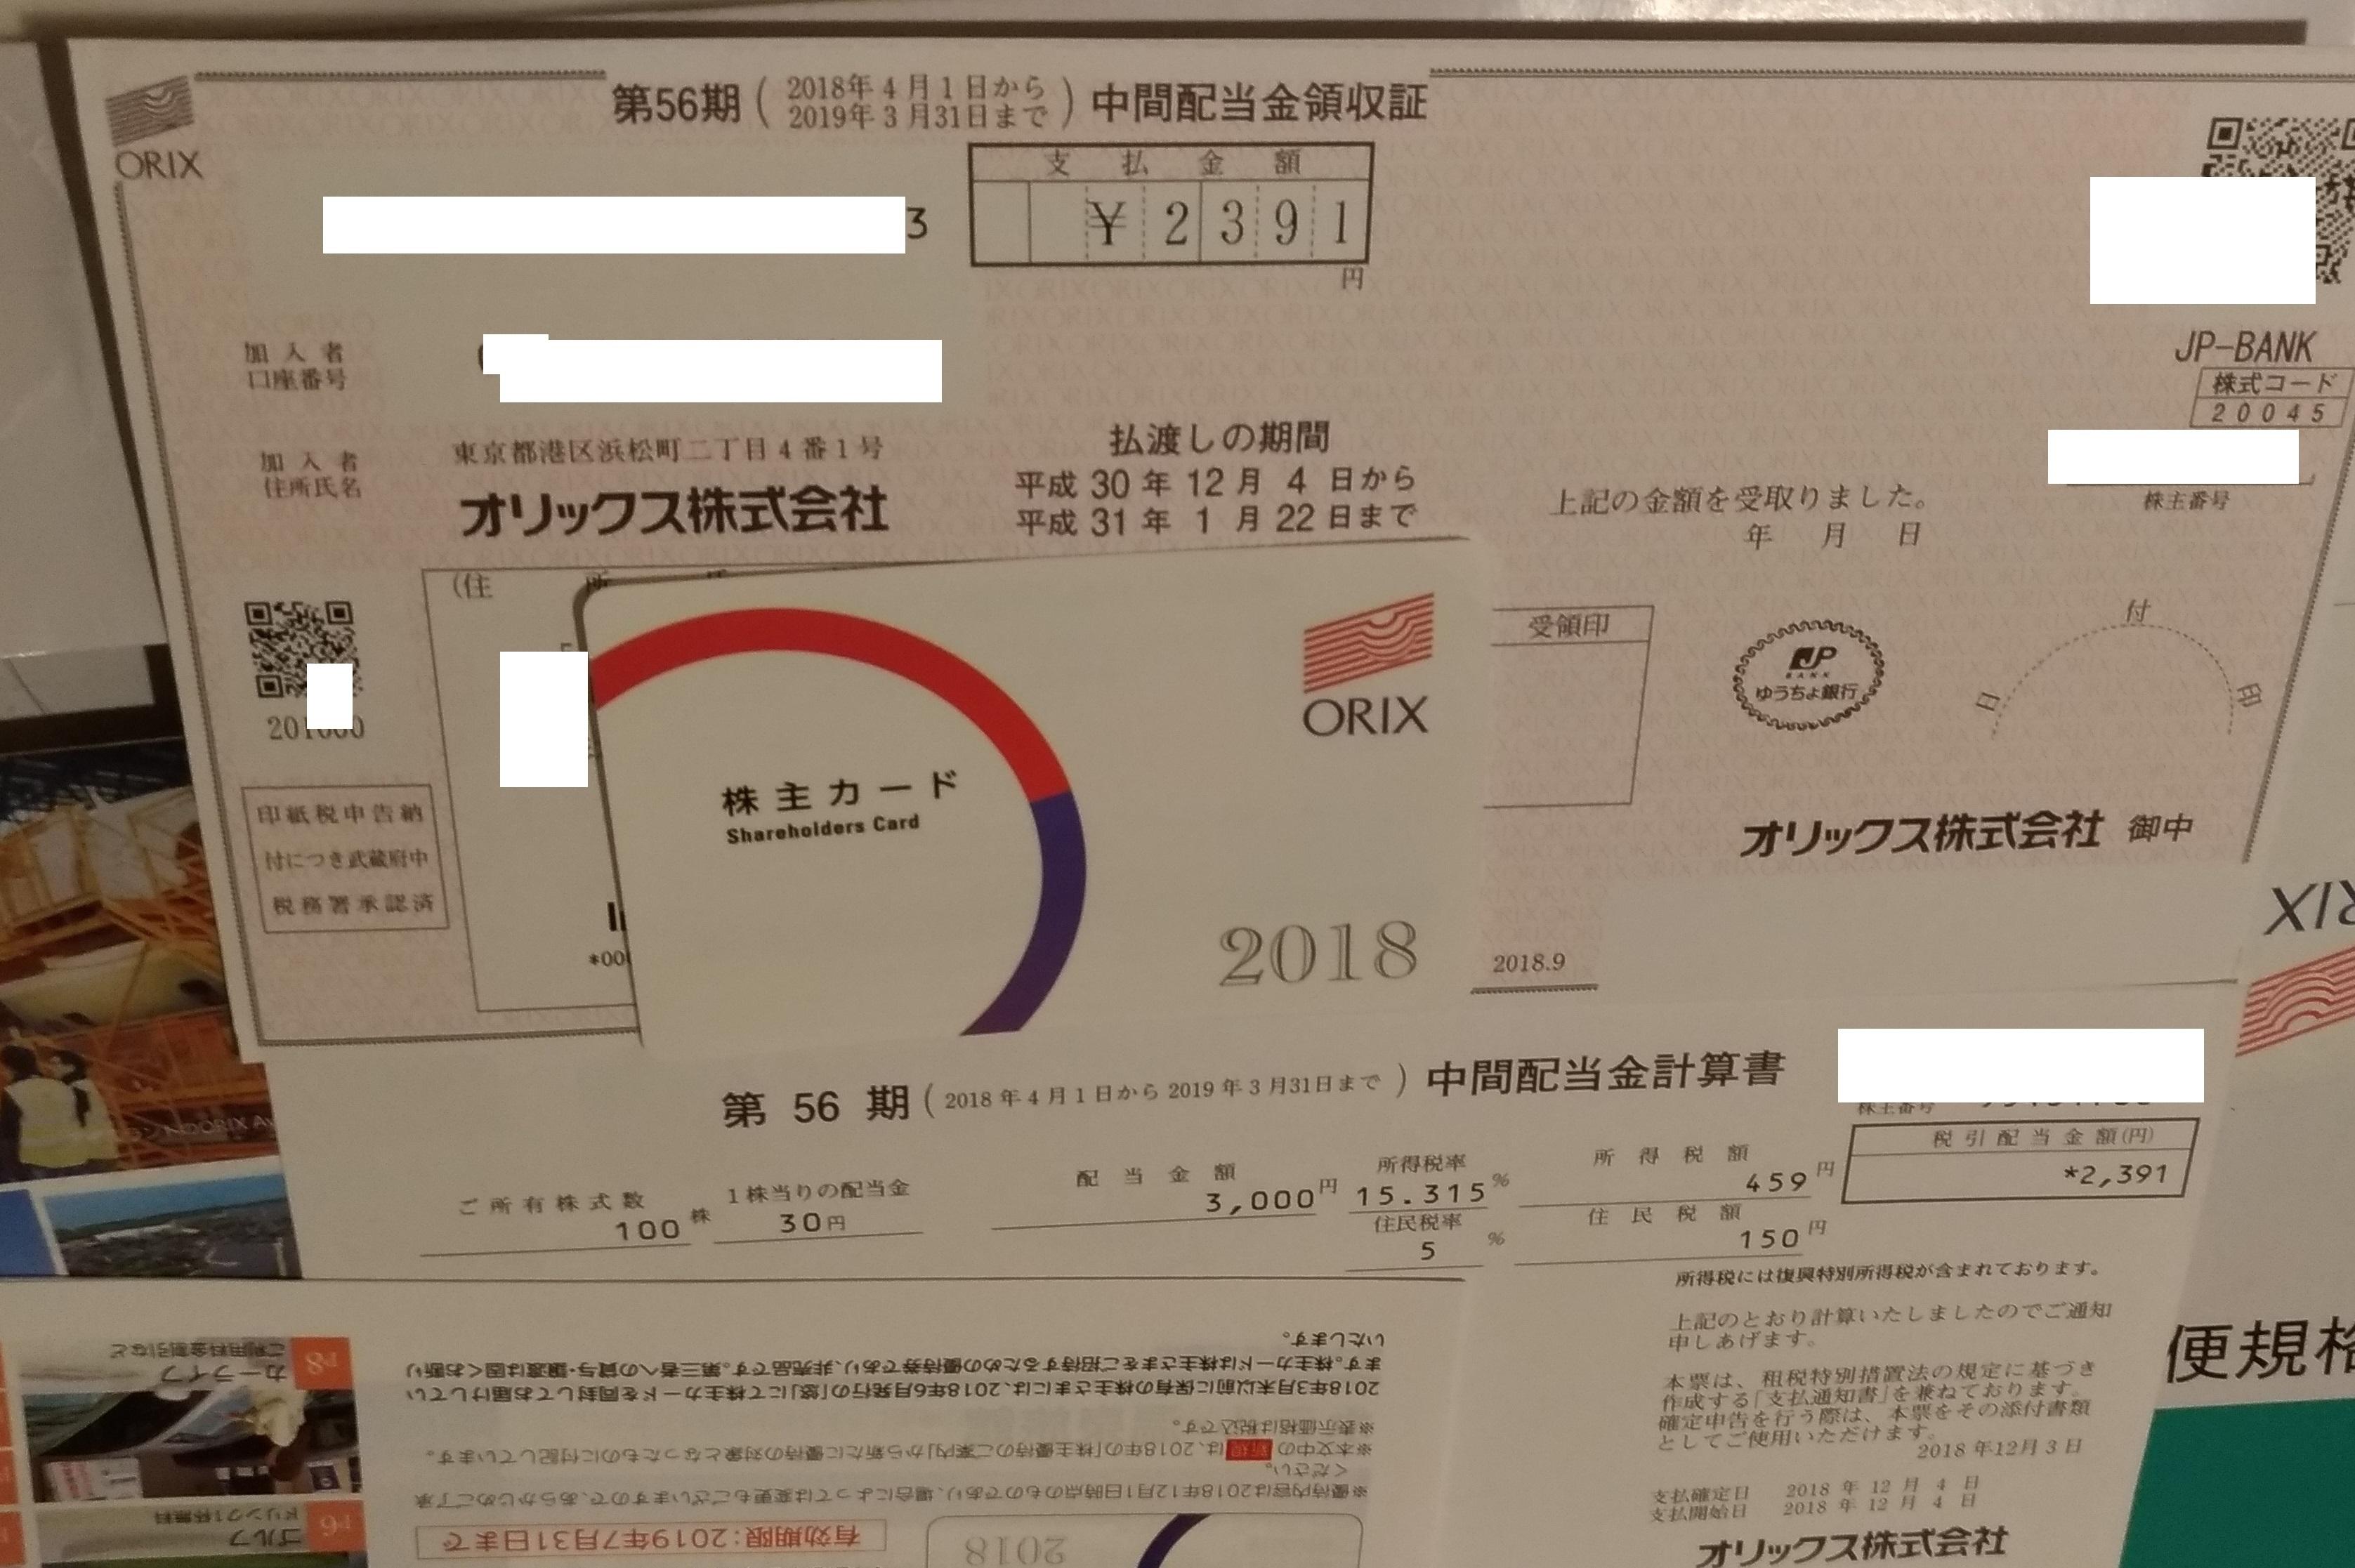 haito_kohaito_orix_seikatsu.jpg